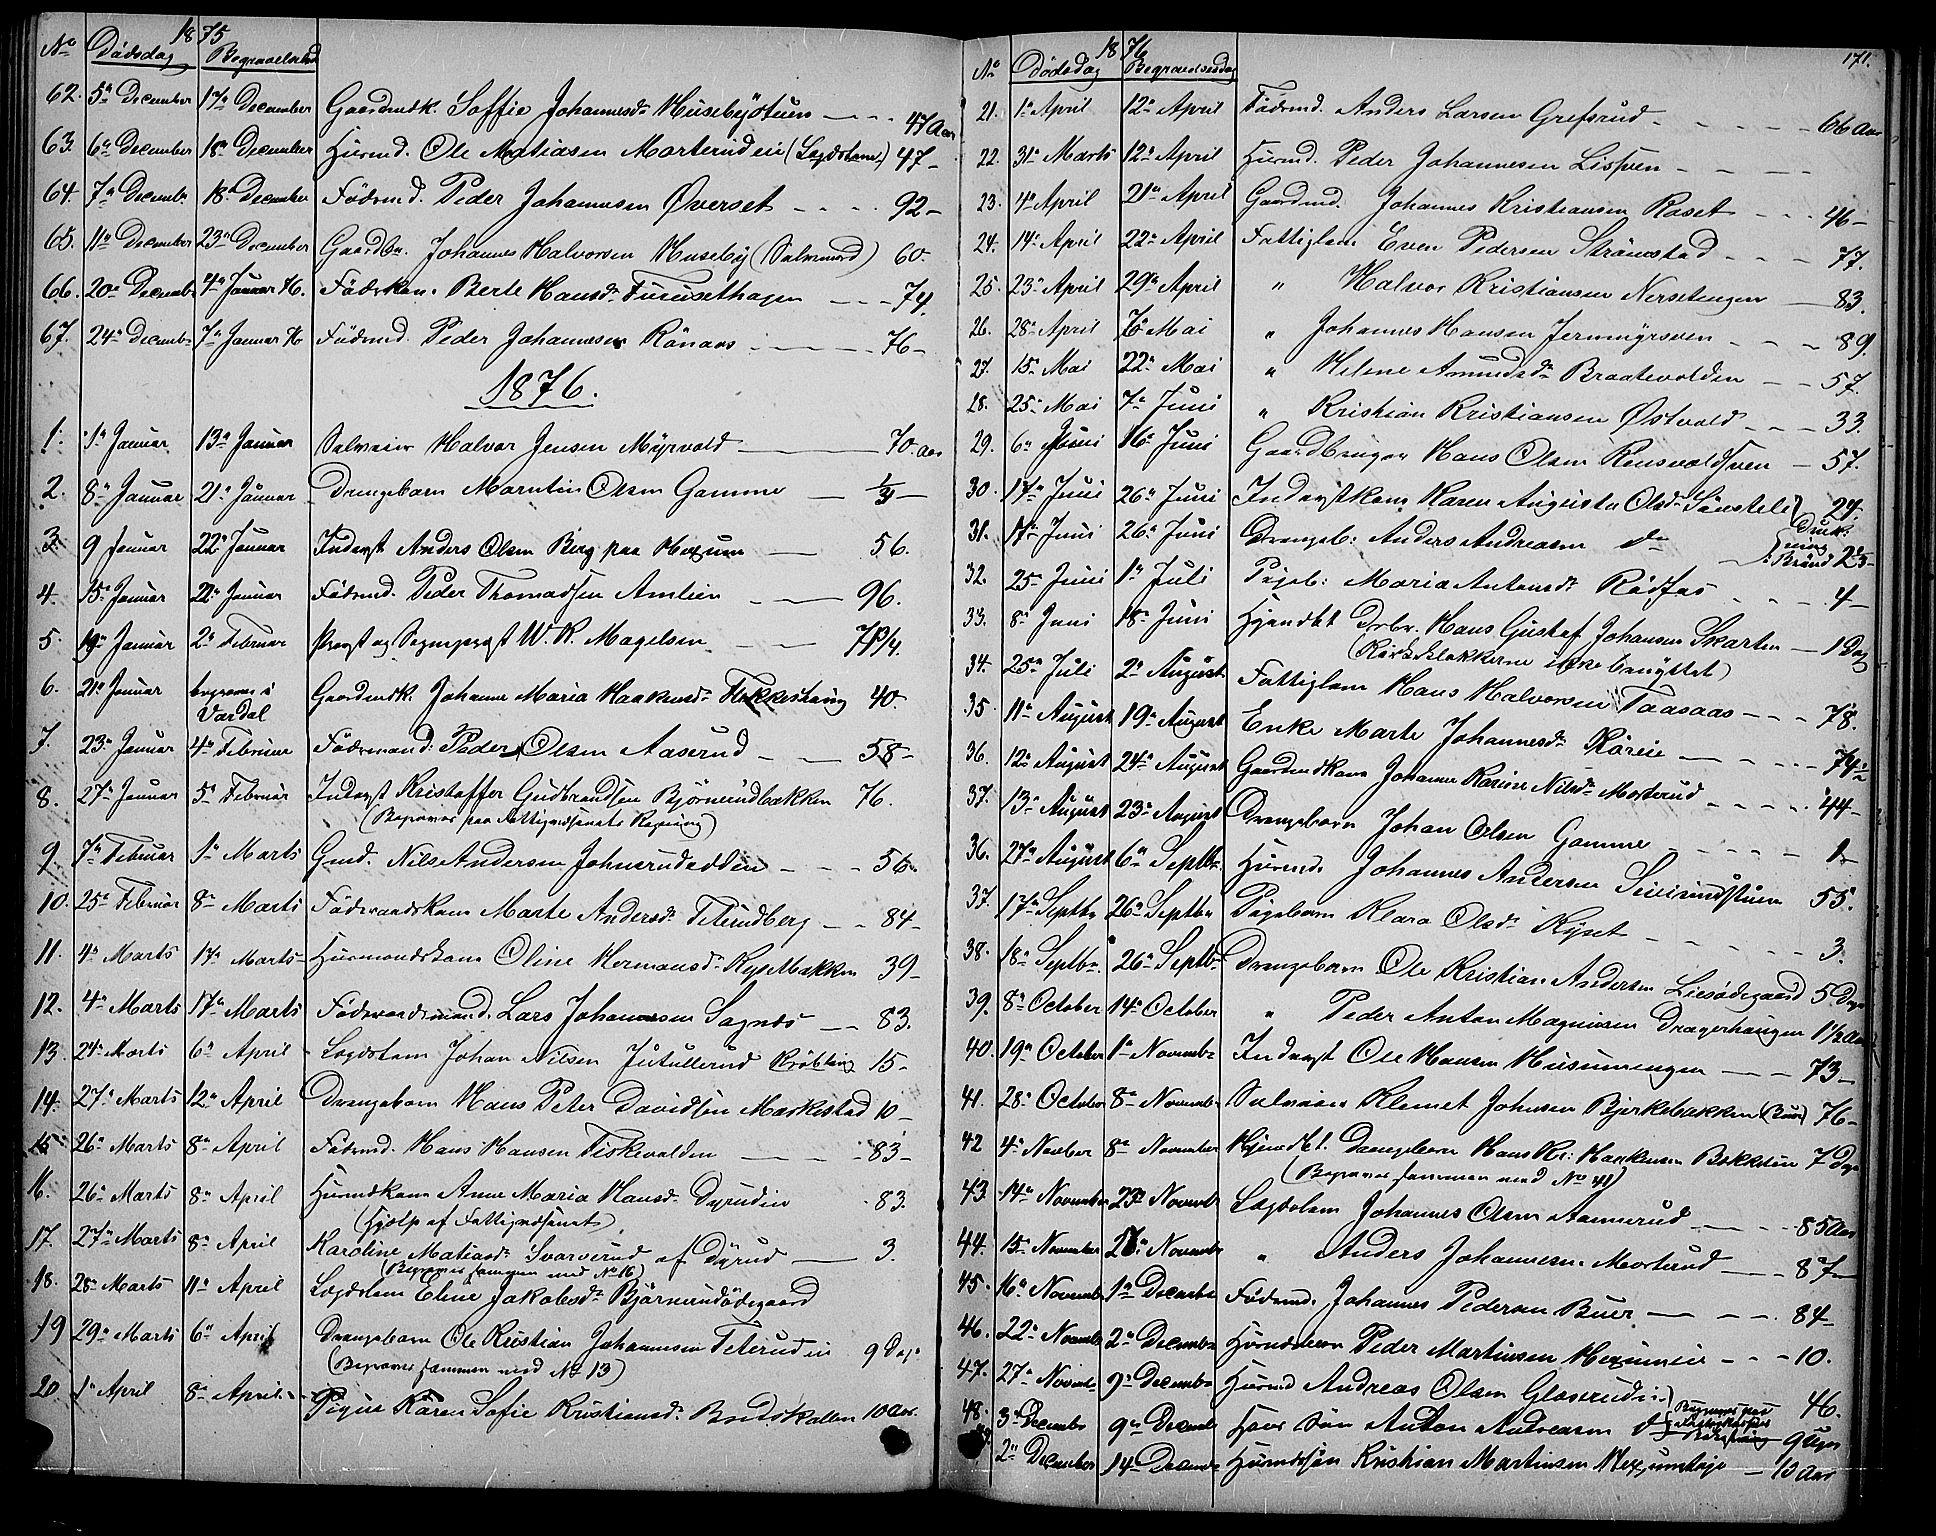 SAH, Vestre Toten prestekontor, H/Ha/Hab/L0006: Klokkerbok nr. 6, 1870-1887, s. 171